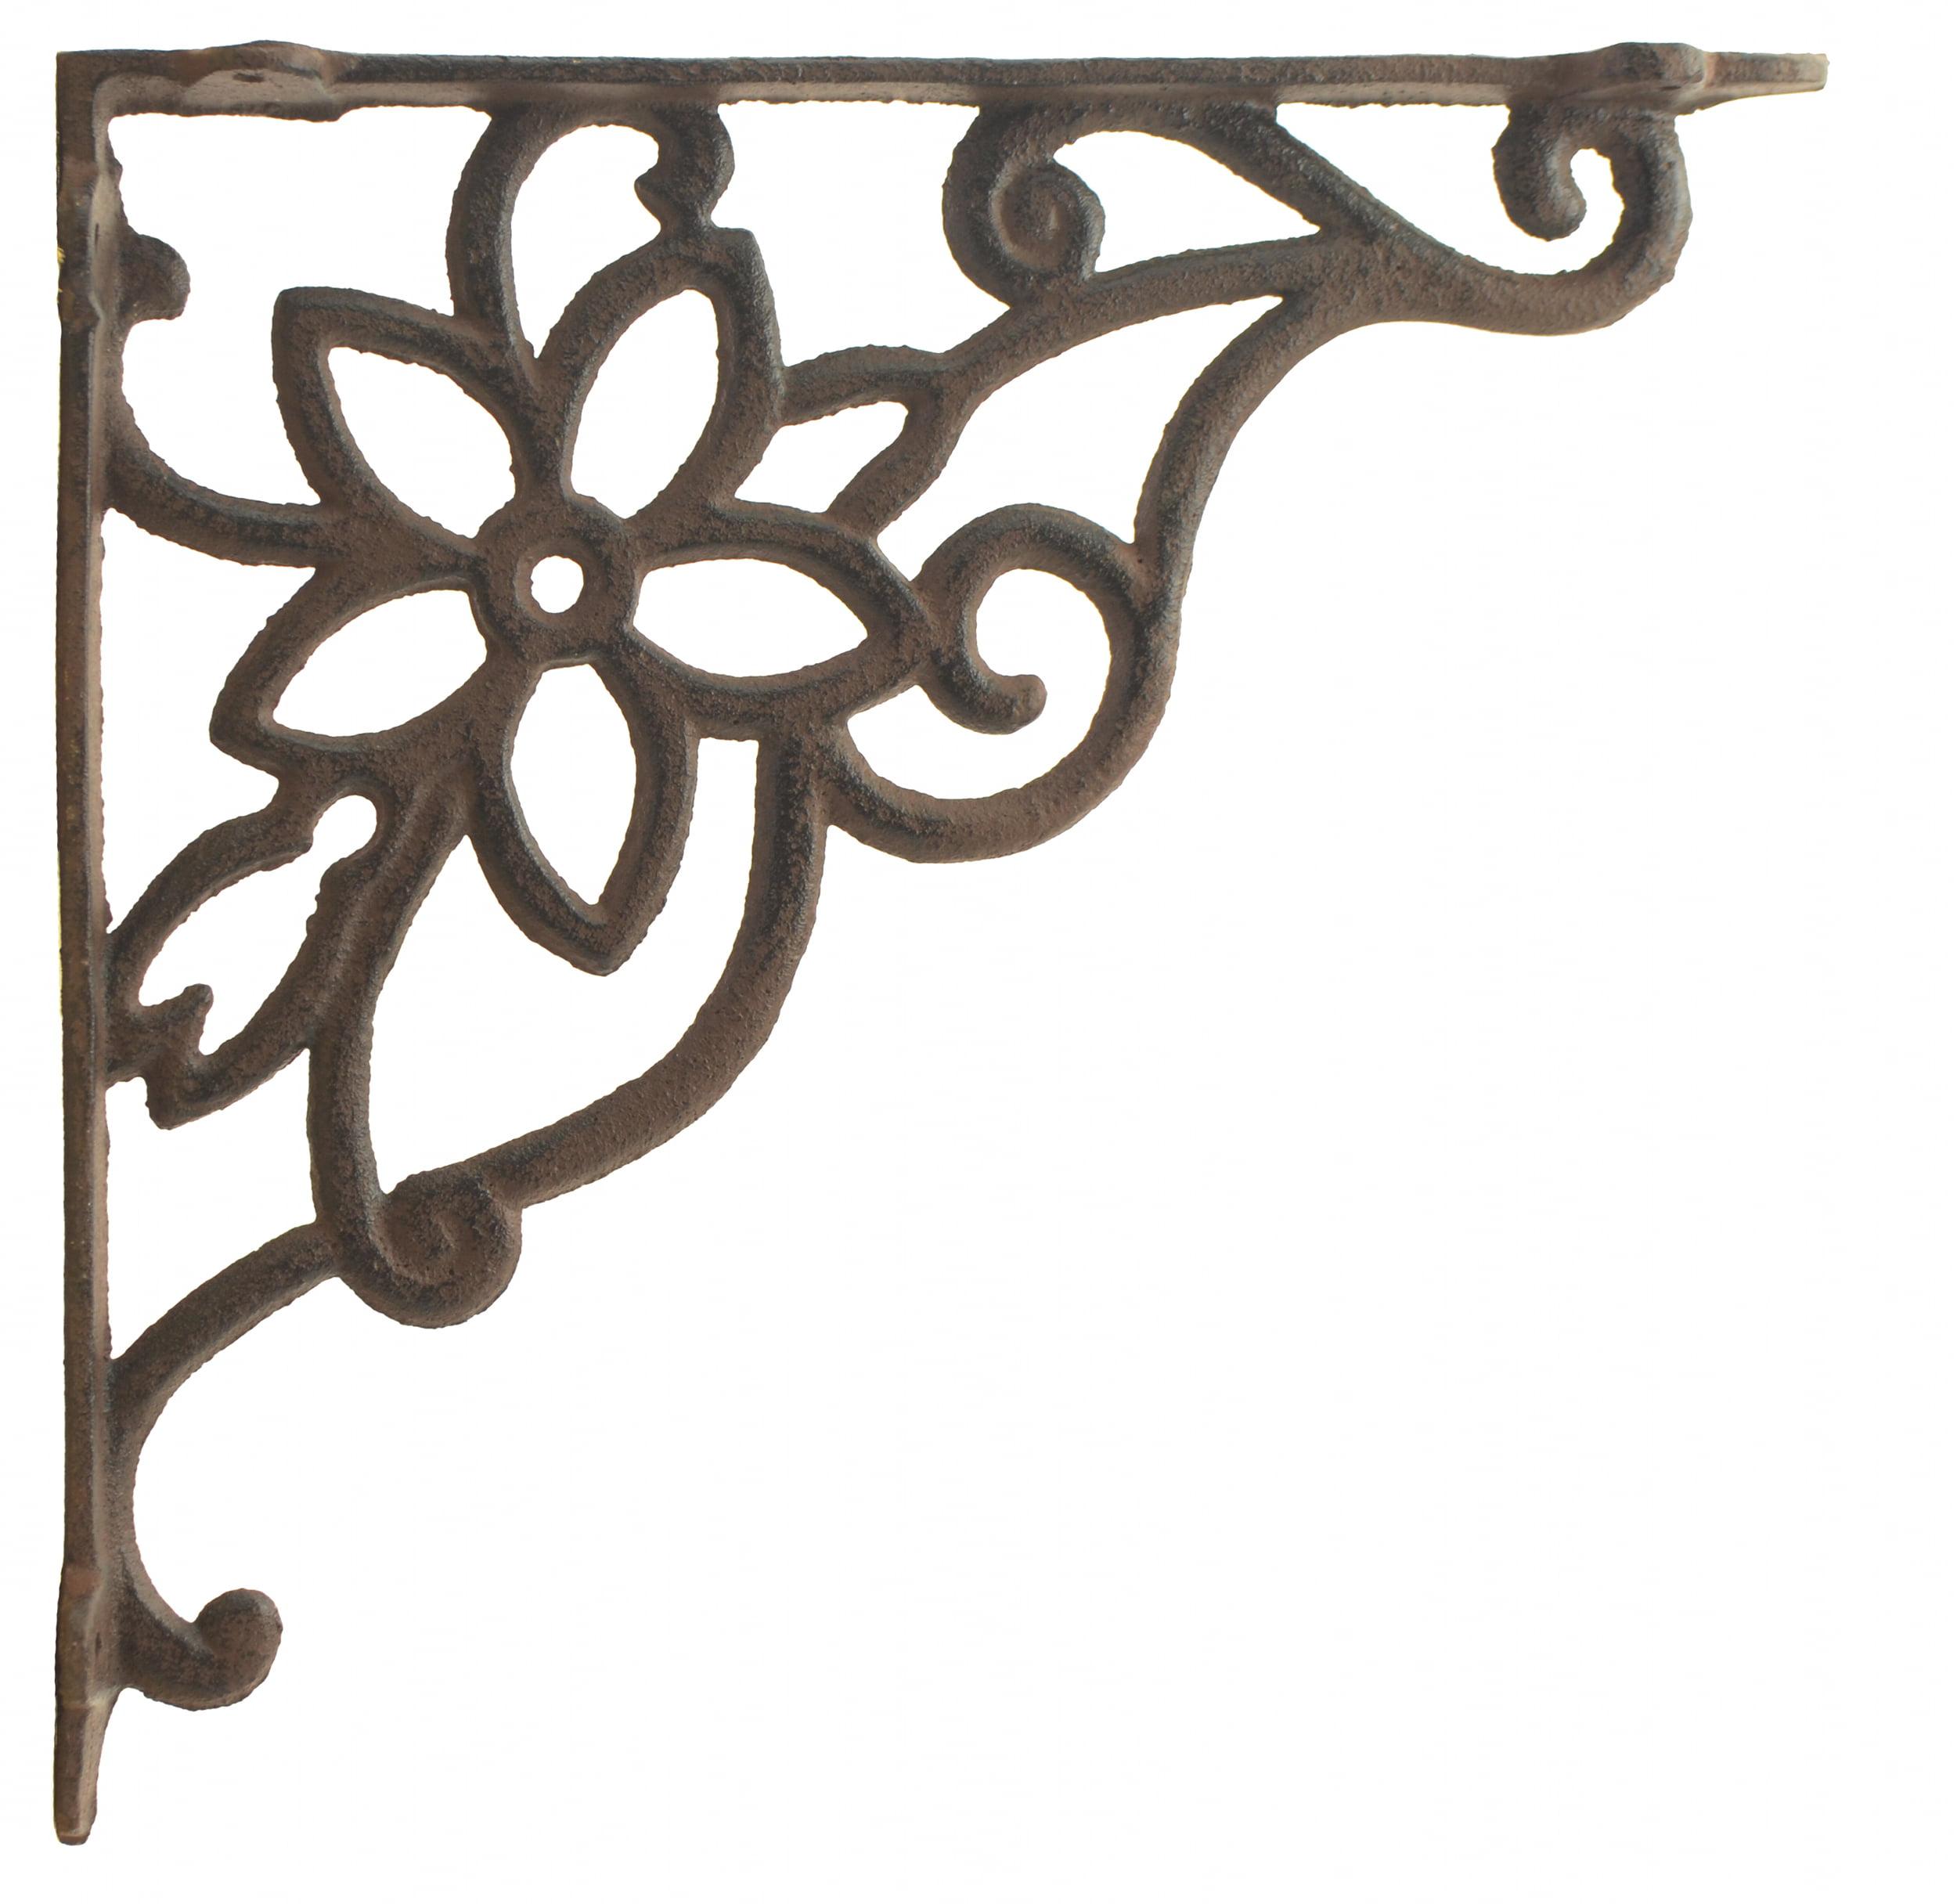 Cast Iron Wall Shelf Bracket Vine Flower Rust Brown 9 625 Deep Walmart Com